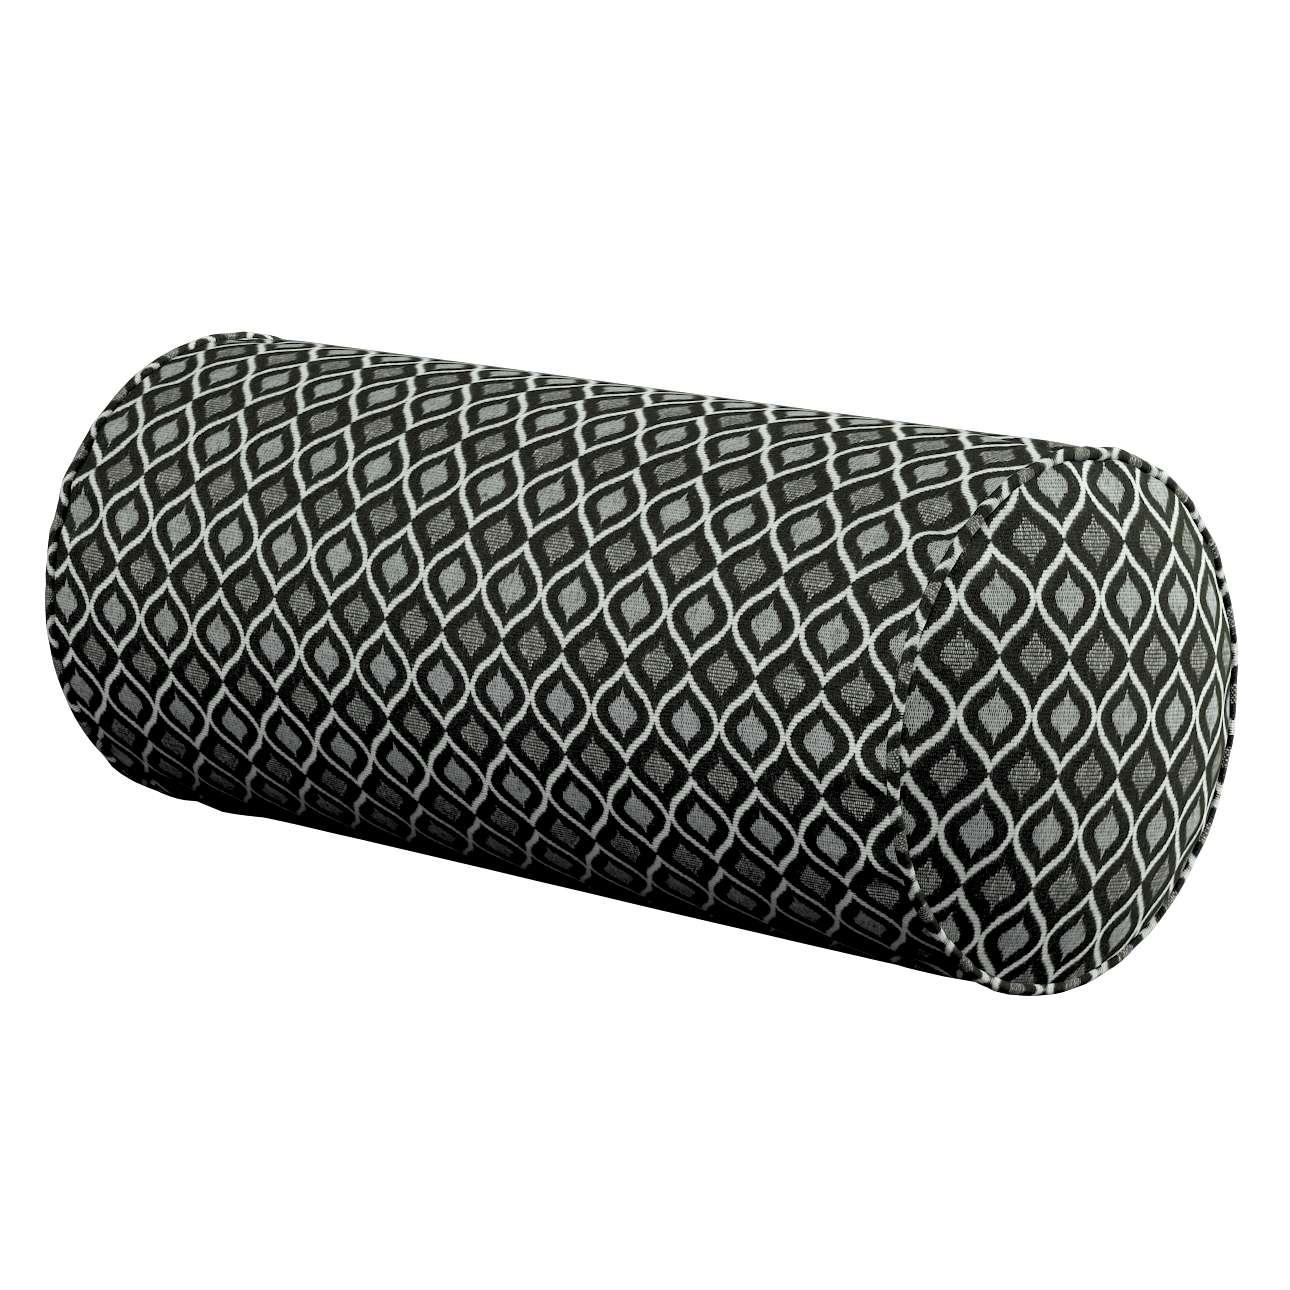 Poduszka wałek prosty w kolekcji Black & White, tkanina: 142-86